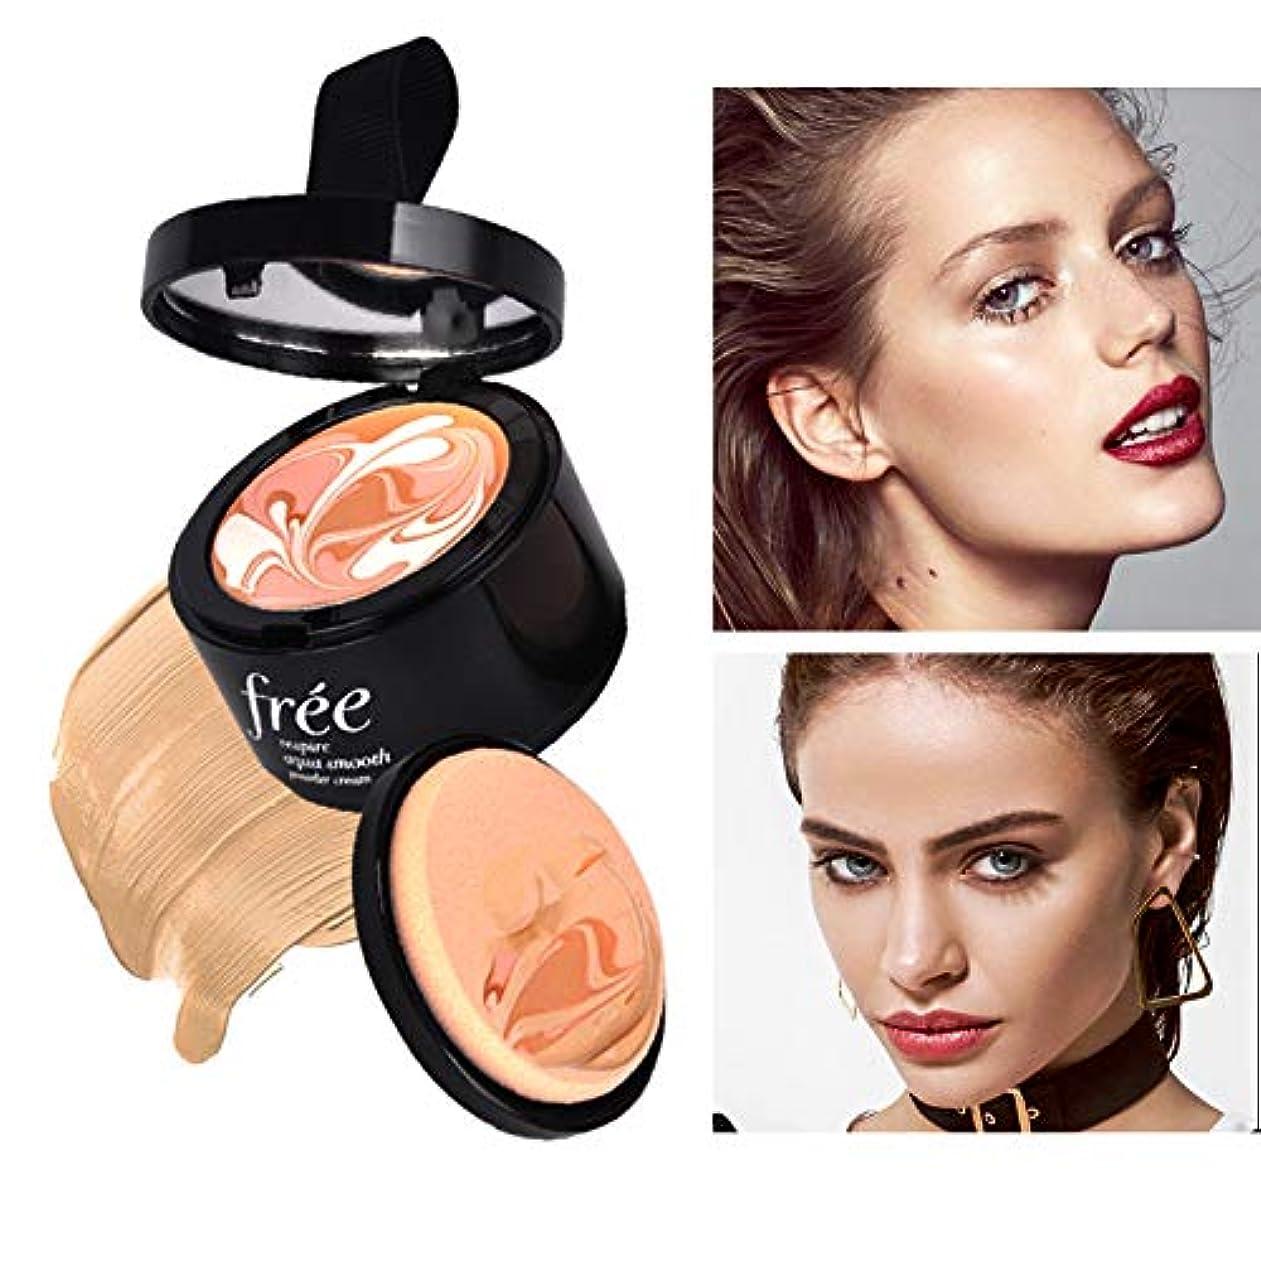 構成上院第Foundation Cream Concealer moisturizing Whitening flawless makeup For Face Beauty Base Makeup ファンデーションクリームコンシーラーモイスチャライジングホワイトニングフェイシャルメイクアップフェイシャルビューティベースメイクアップ